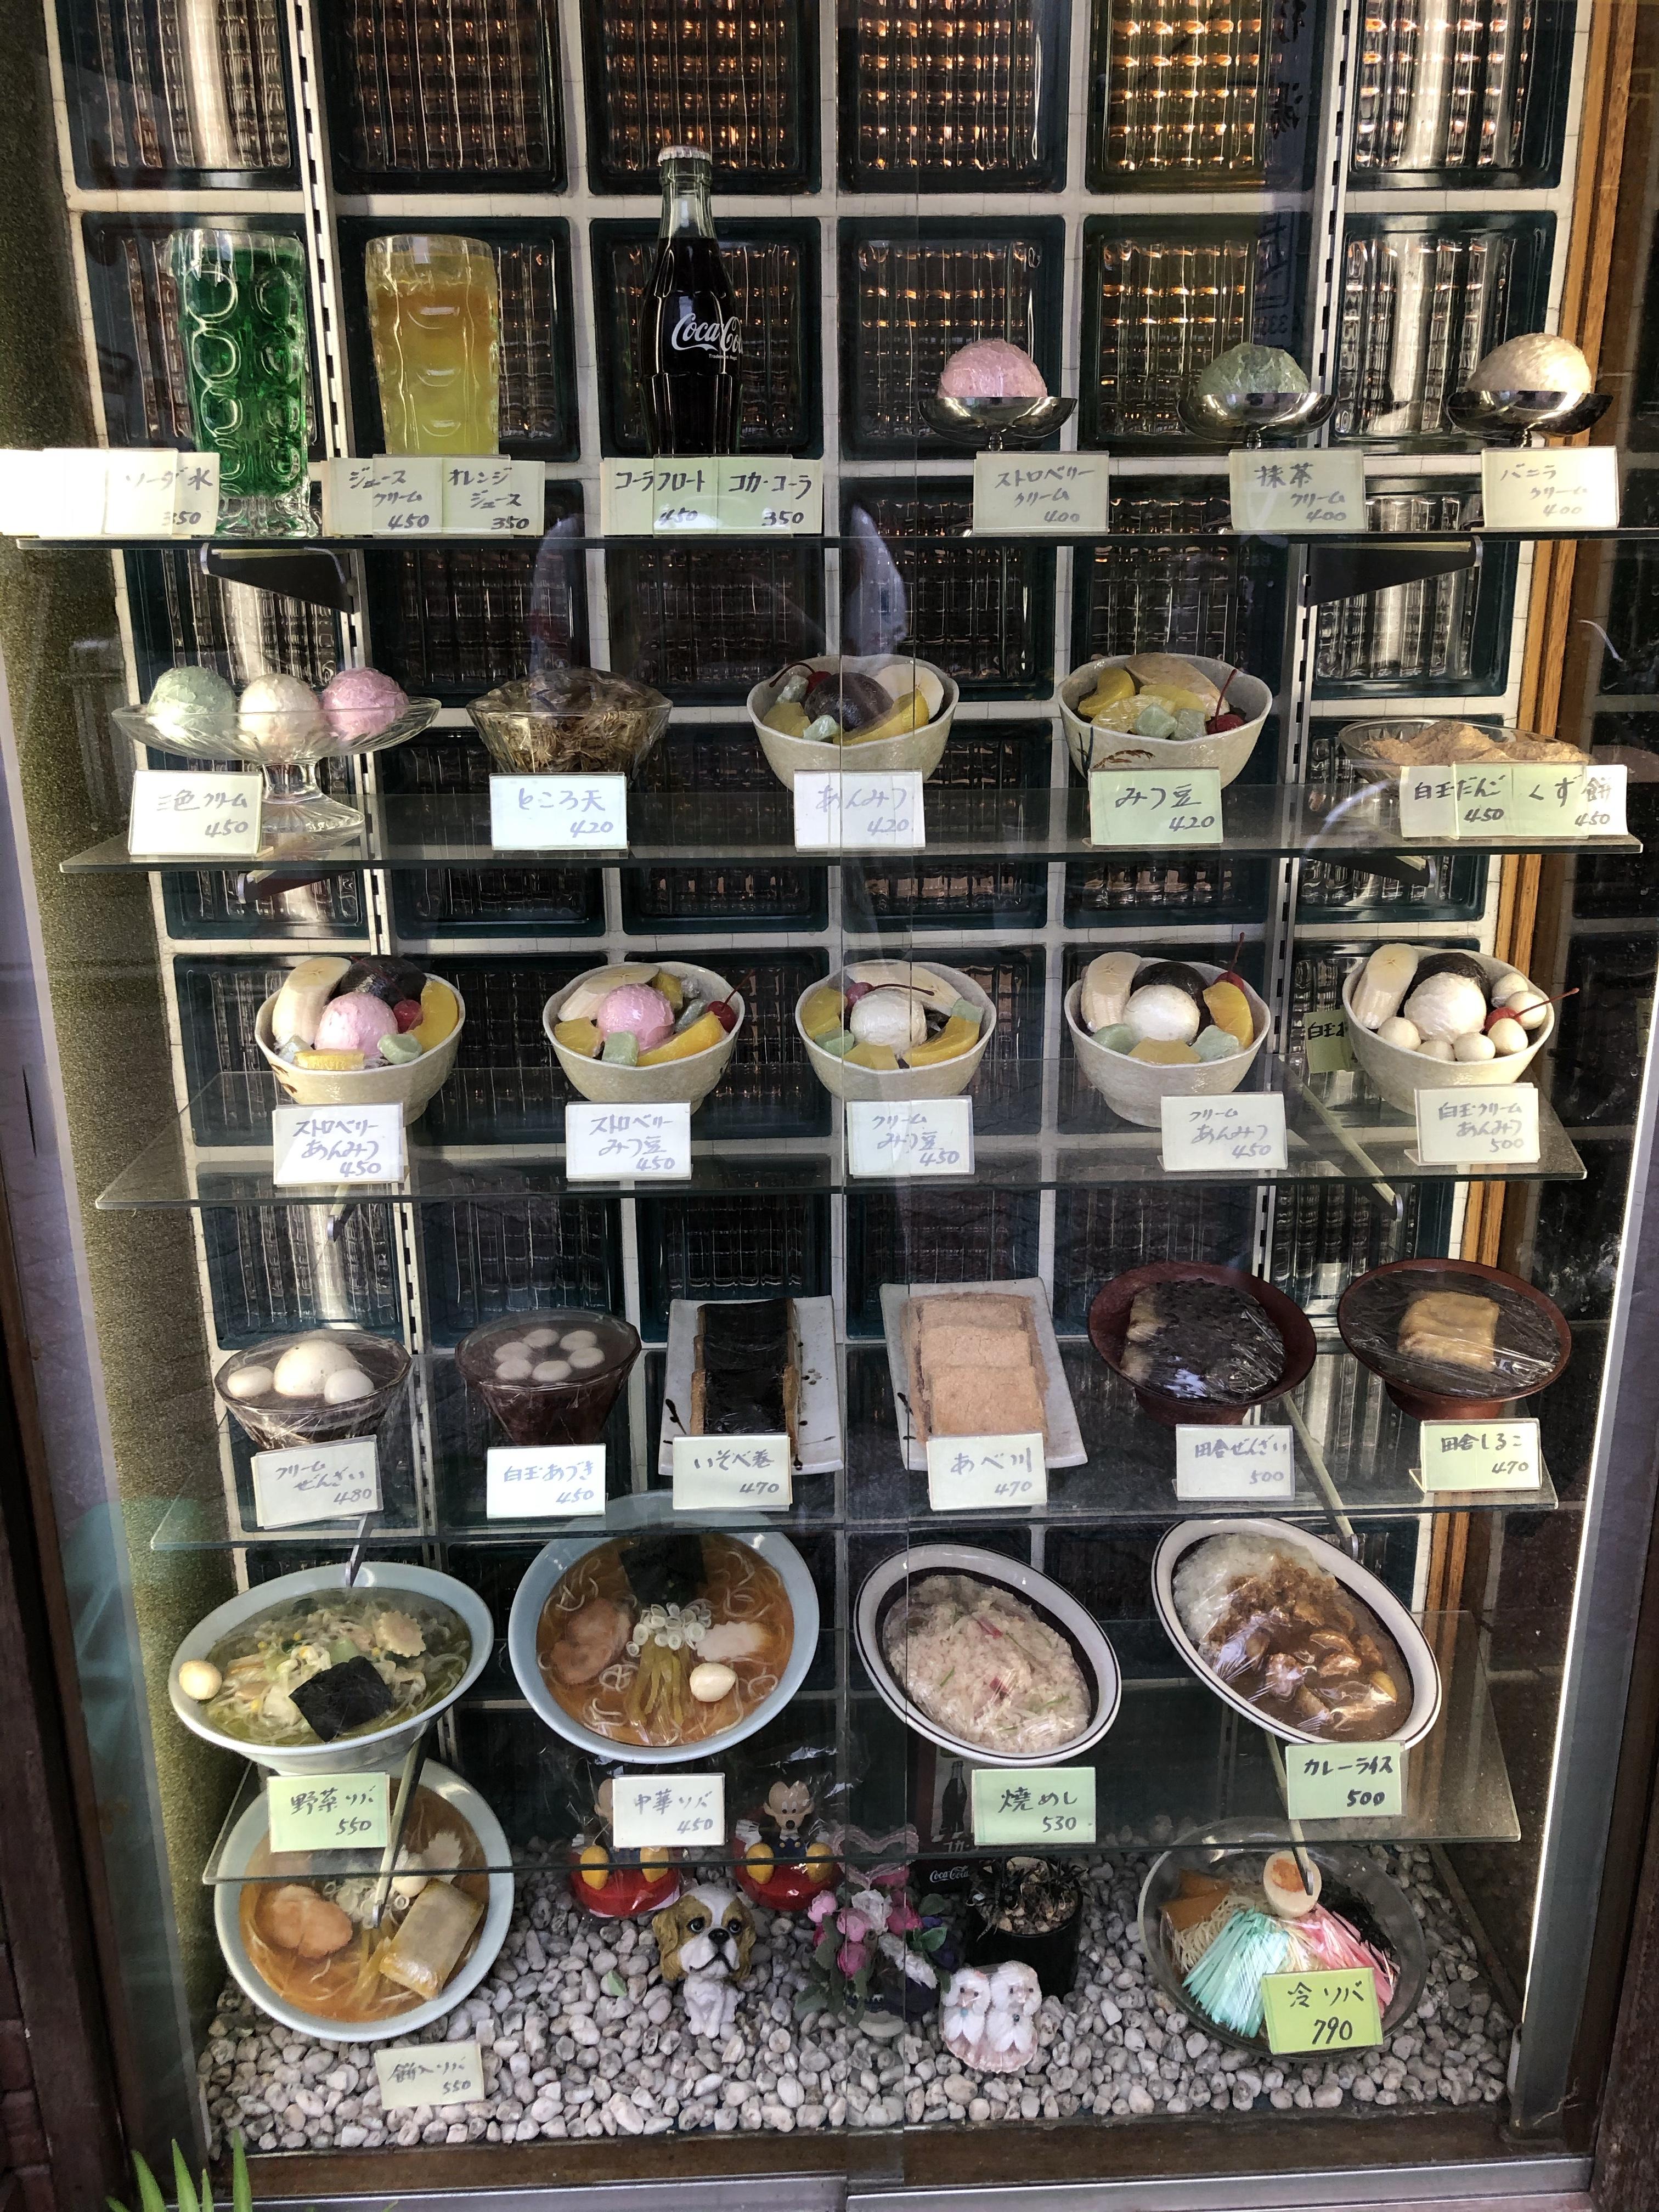 高円寺あづまの食品サンプル